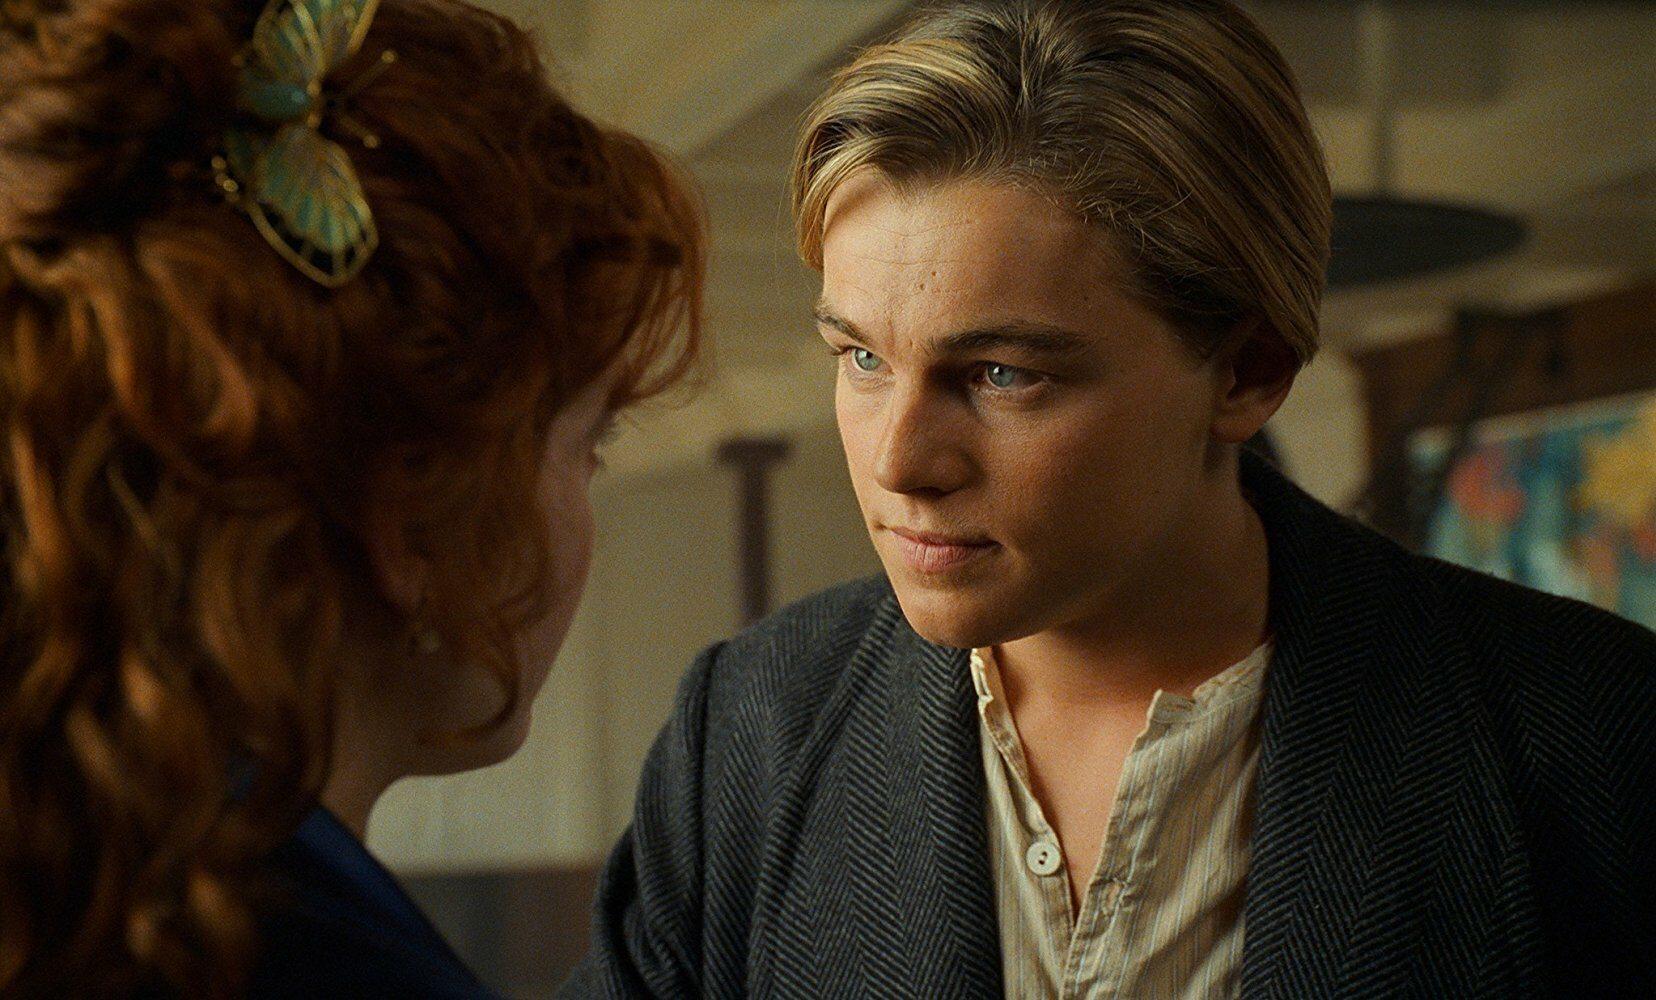 Przy obsadzaniu ról, twórcy filmu zastanawiali się, kto powinien zagrać rolę Jacka Dawsona. Wśród kandydatów wskazany został między innymi...